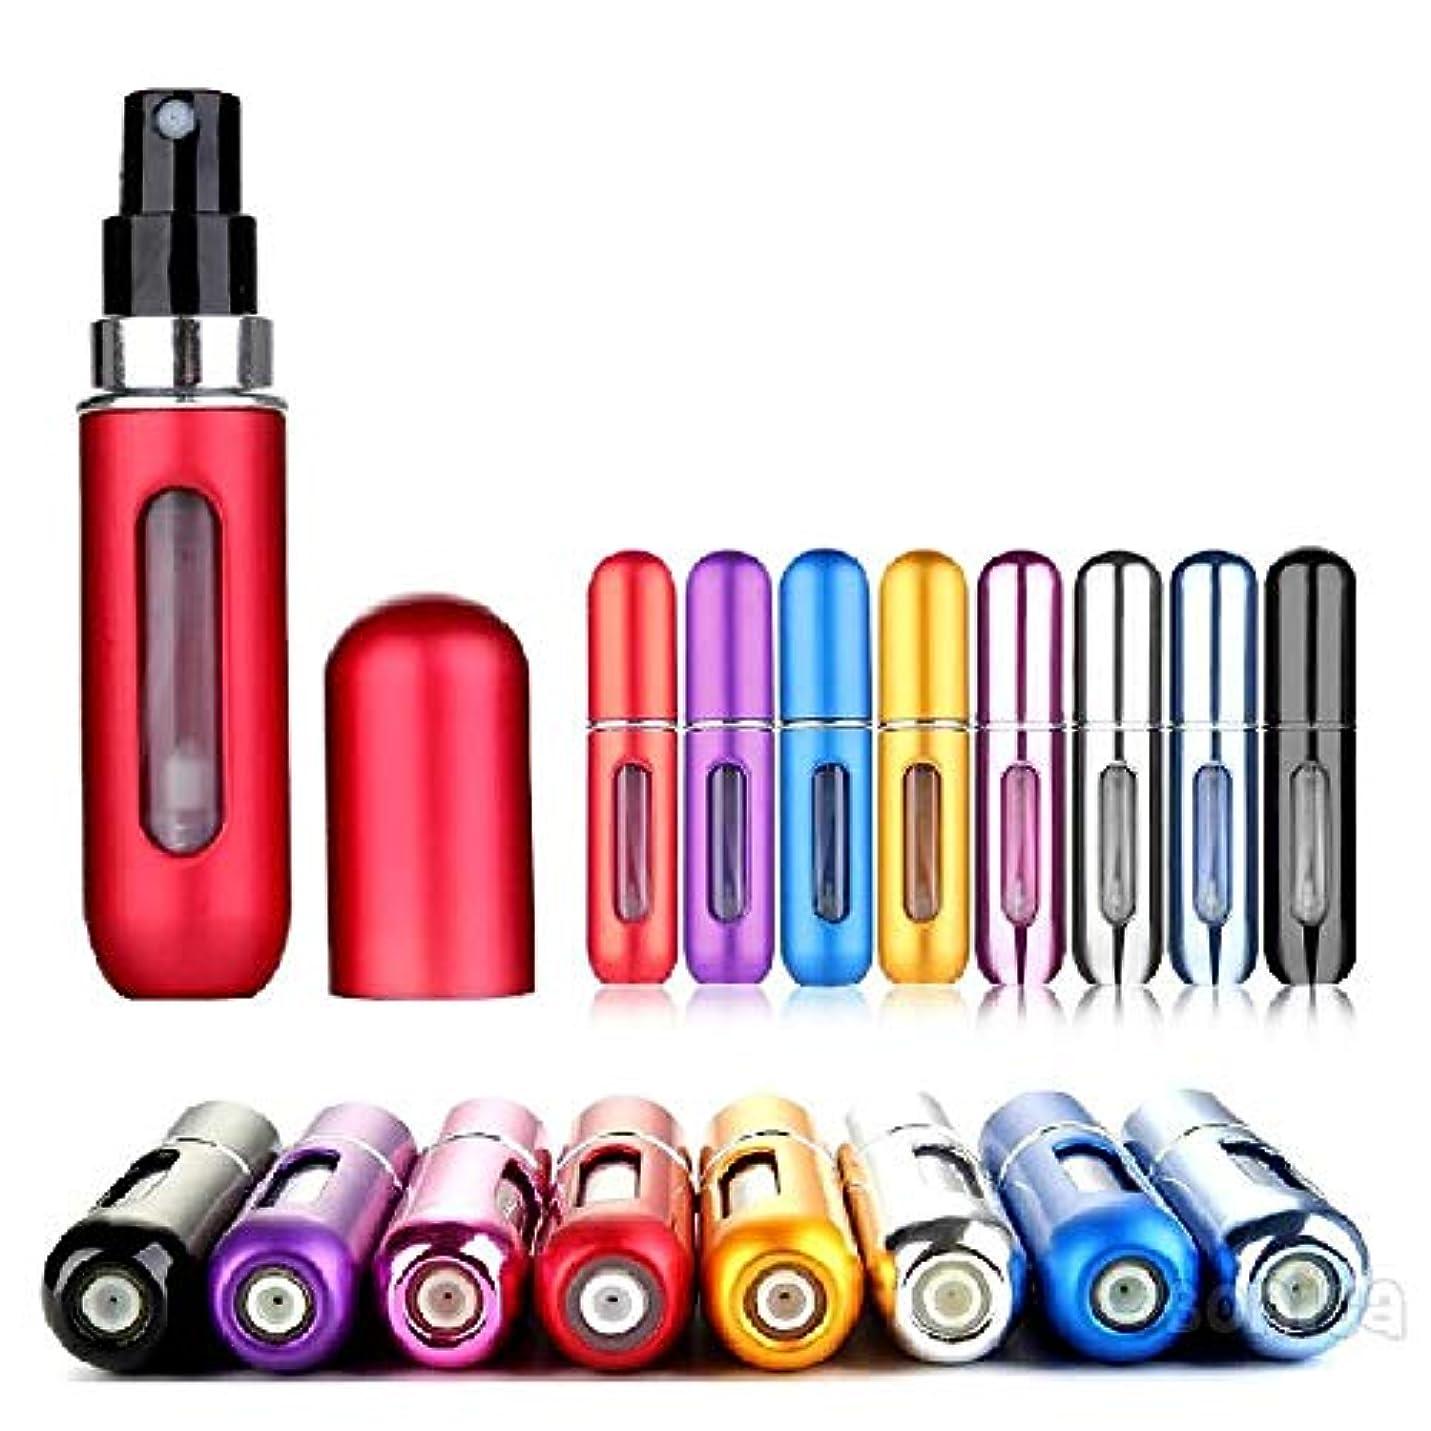 感性洋服期限5ml香水アトマイザー レディース スプレーボトル ボトル式 スプレー 香水噴霧器旅行携帯便利 詰め替え容器 (赤)